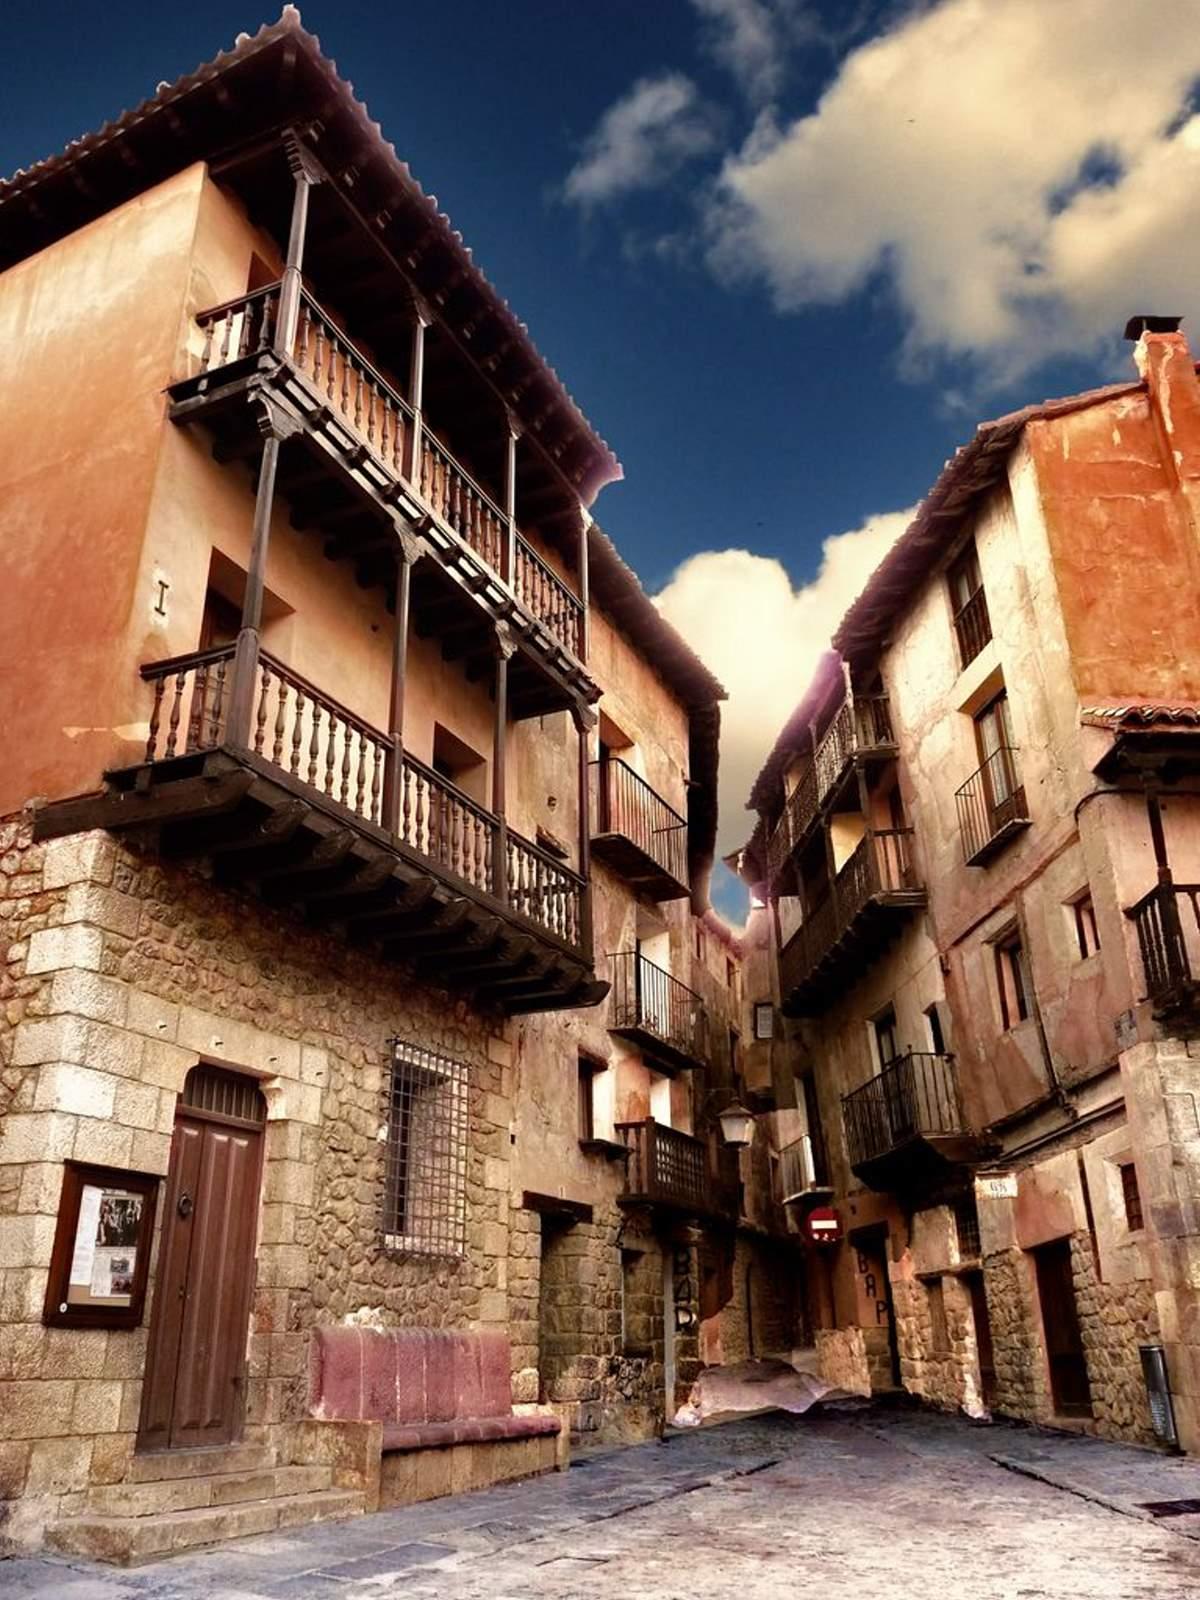 Σπίτια στο Albarracin